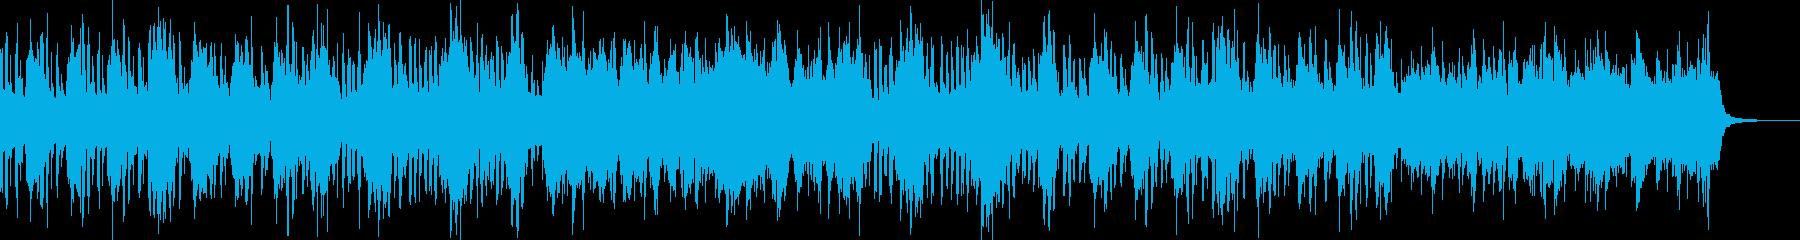 ブラス+オケ和風かっこいい激しい戦闘-2の再生済みの波形